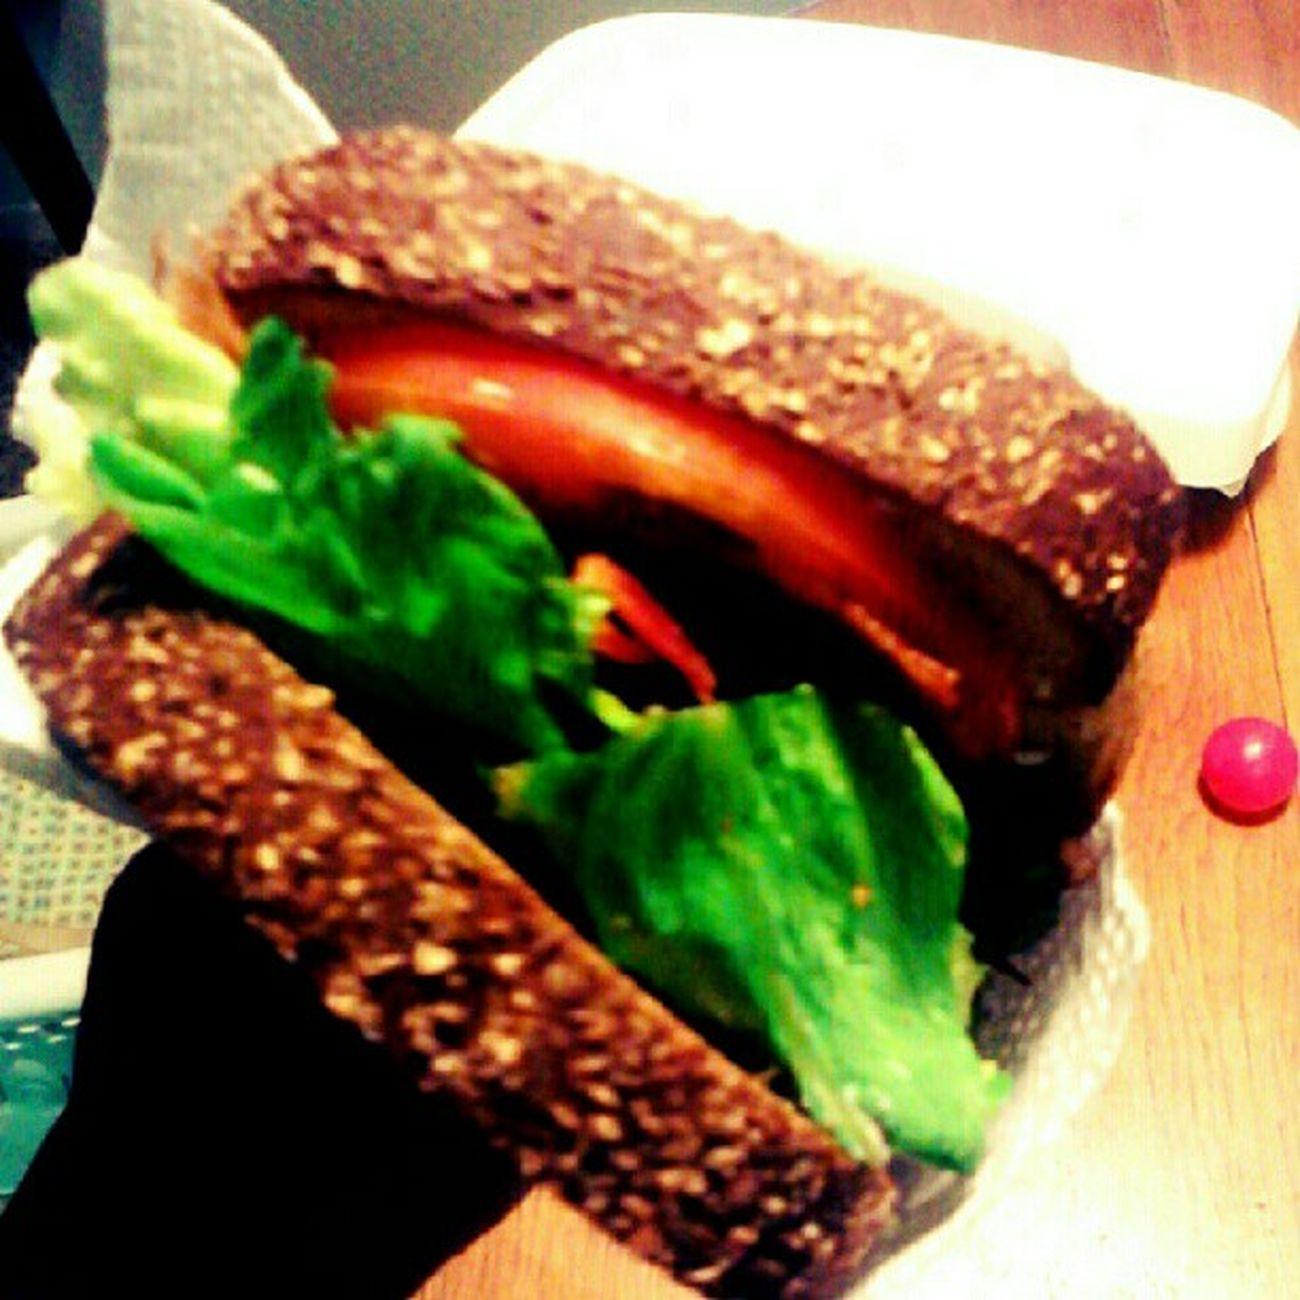 BLT! #blt #sandwich #foodie #snack #yum Snack Yum Sandwich Foodie BLT Nylonsnack